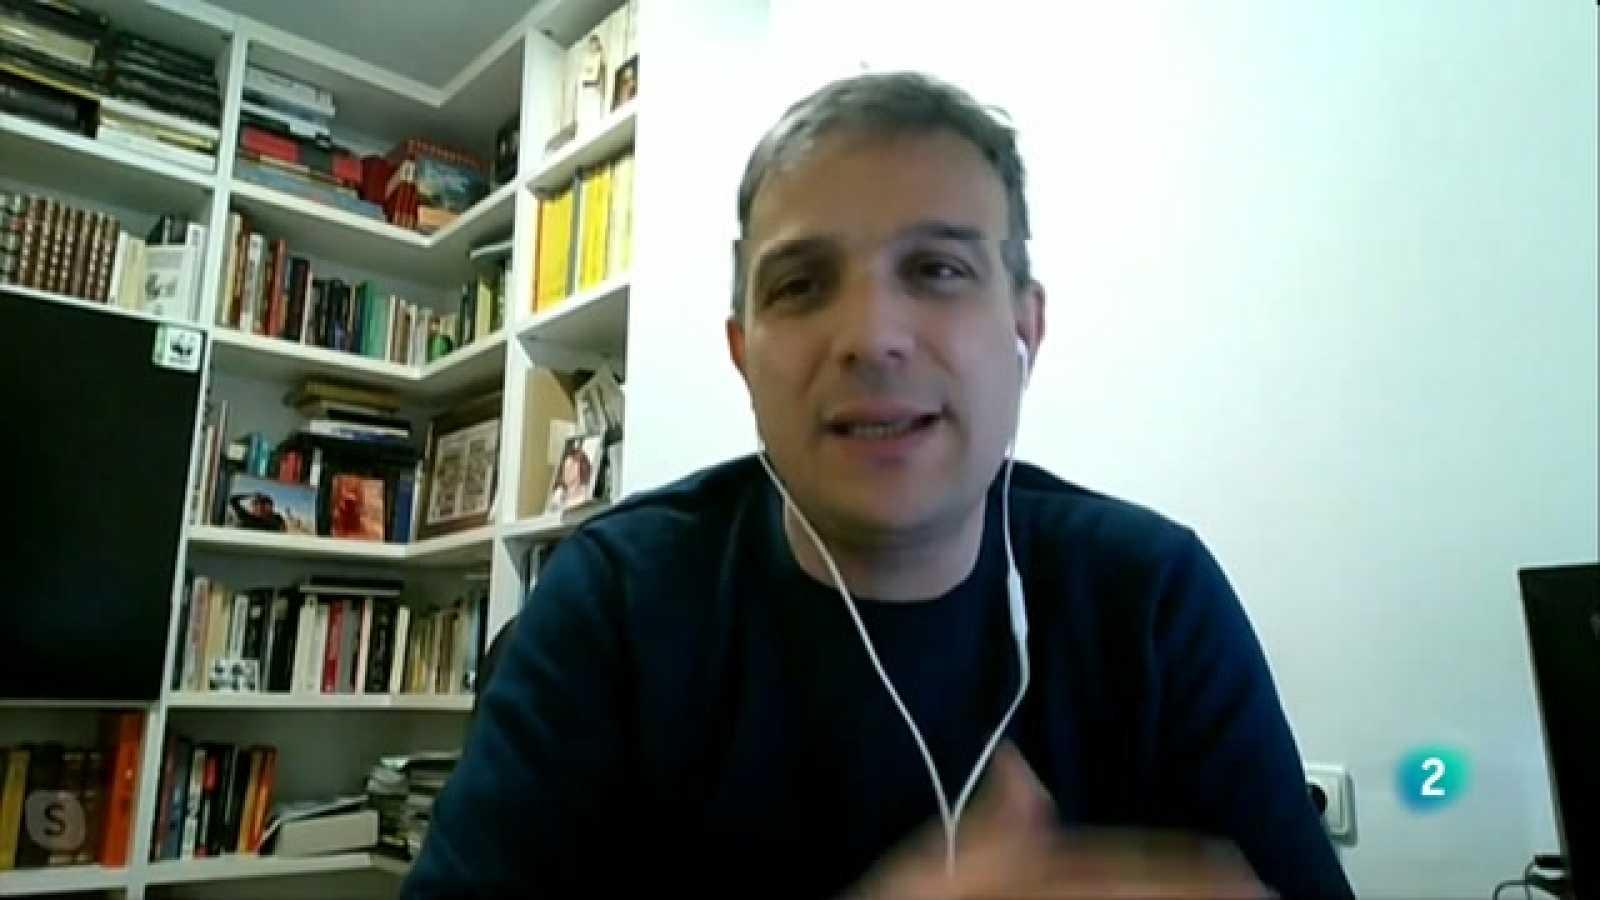 Entrevista a Enric Alvarez, investigador del grup de recerca BIOCOM-SC